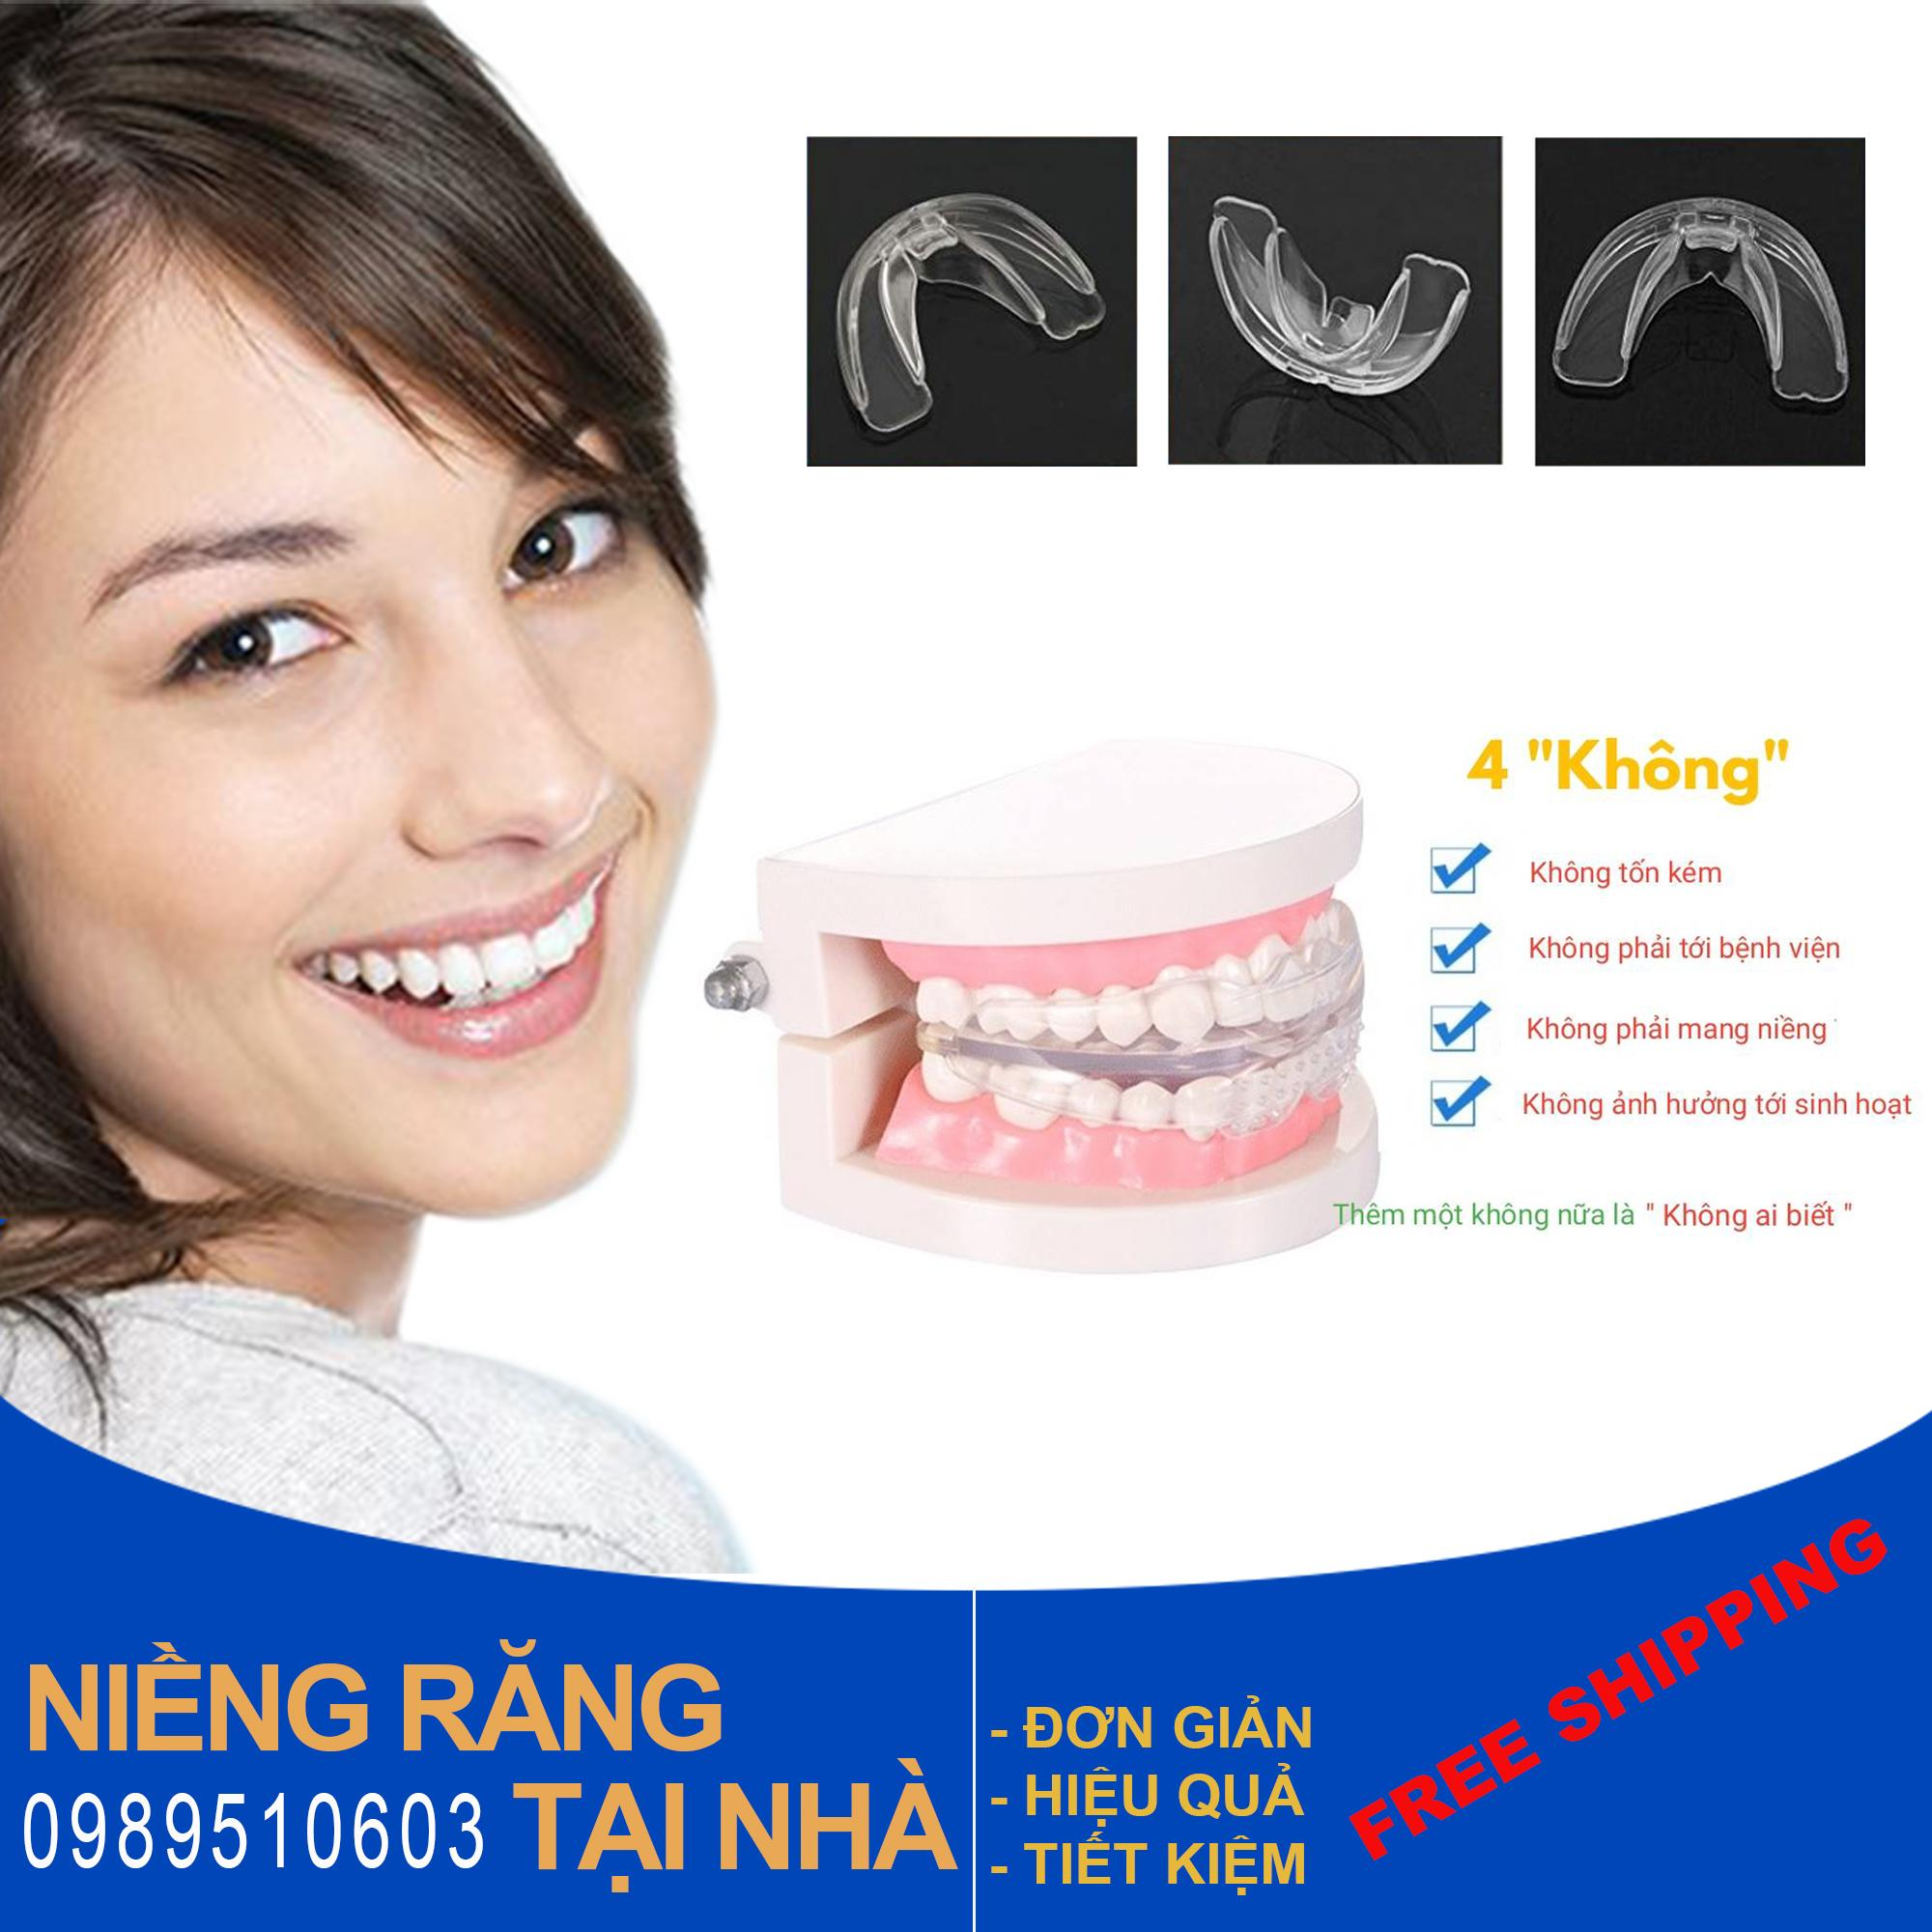 Dụng Cụ Niềng Răng Tại Nhà ( 3 giai đoạn)